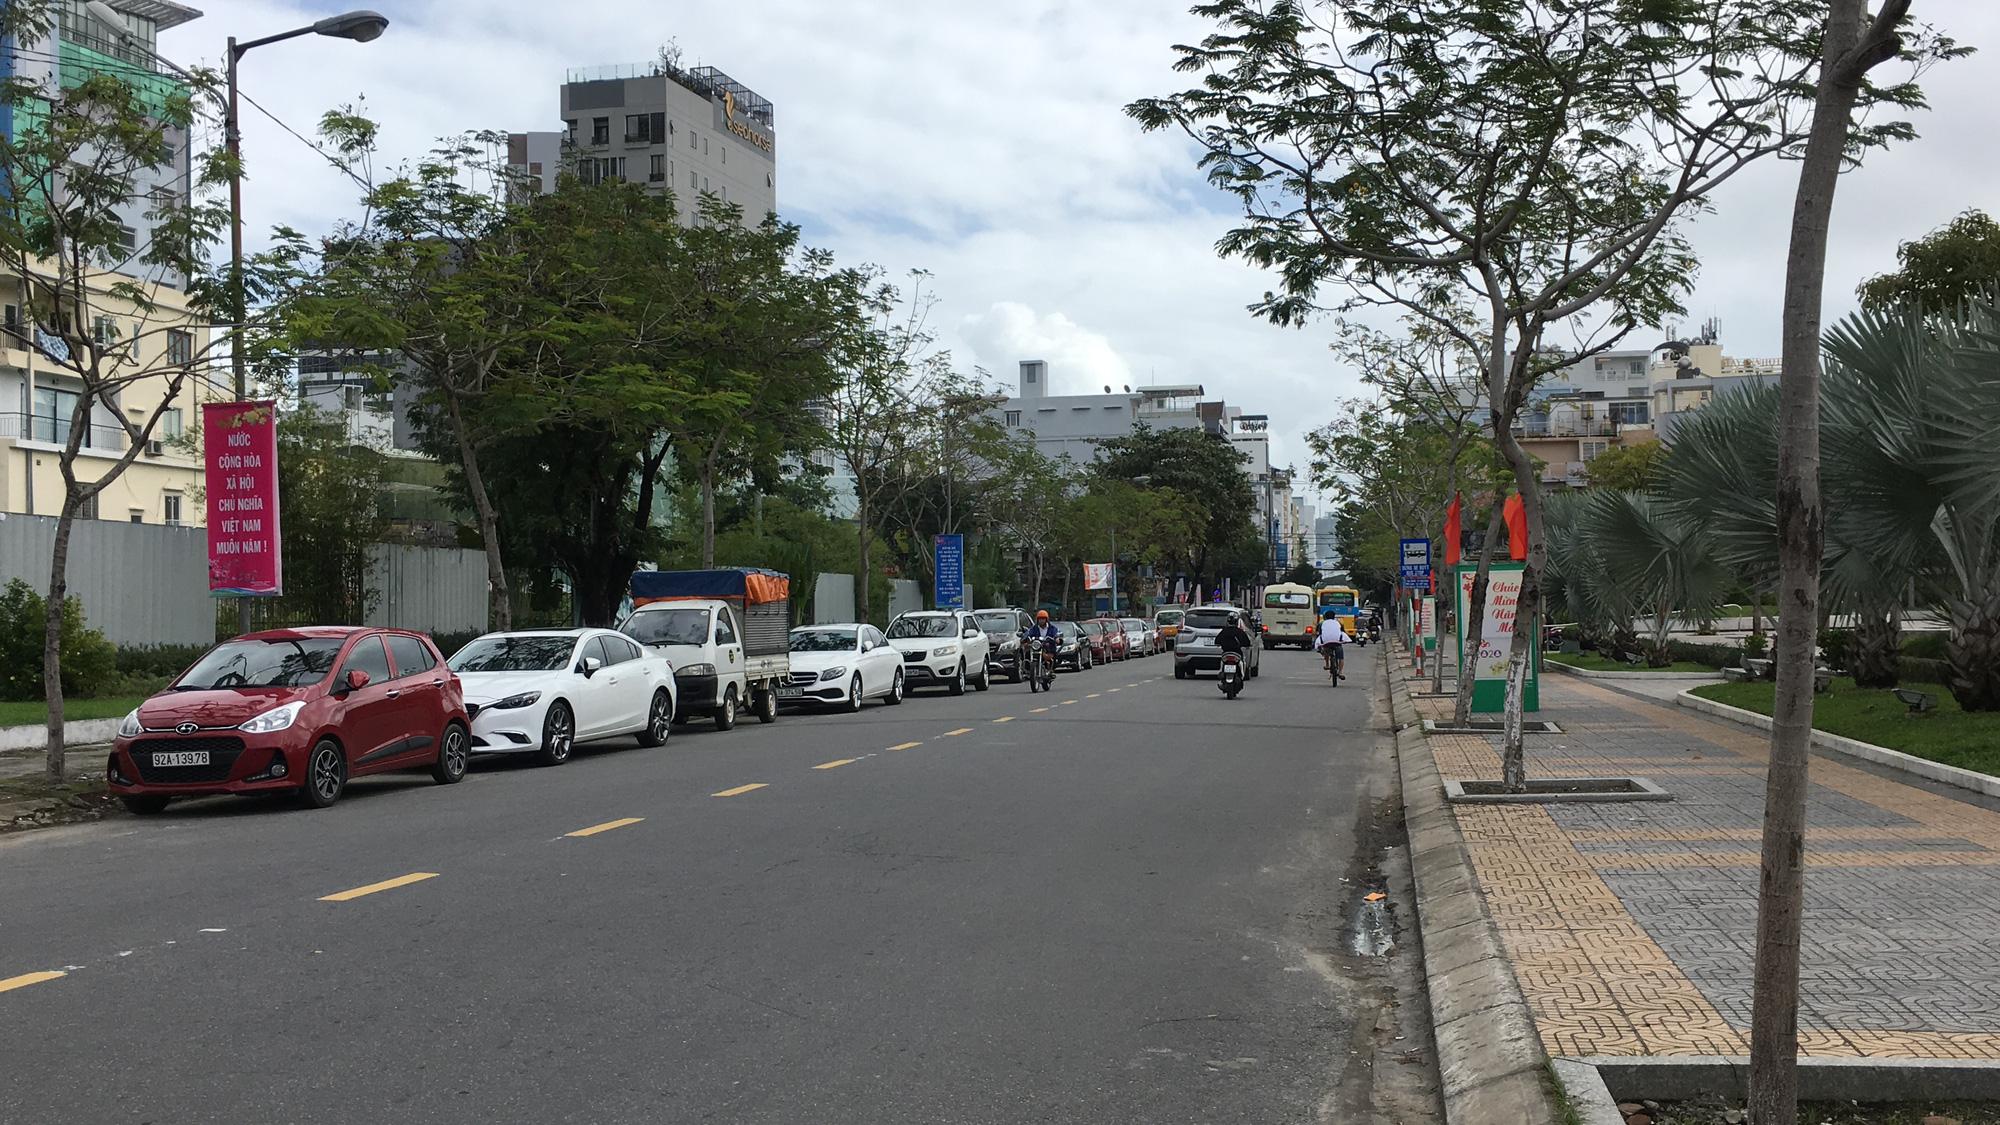 Cận cảnh 'đất vàng' Đà Nẵng làm công viên sách, mở rộng công viên APEC - Ảnh 2.